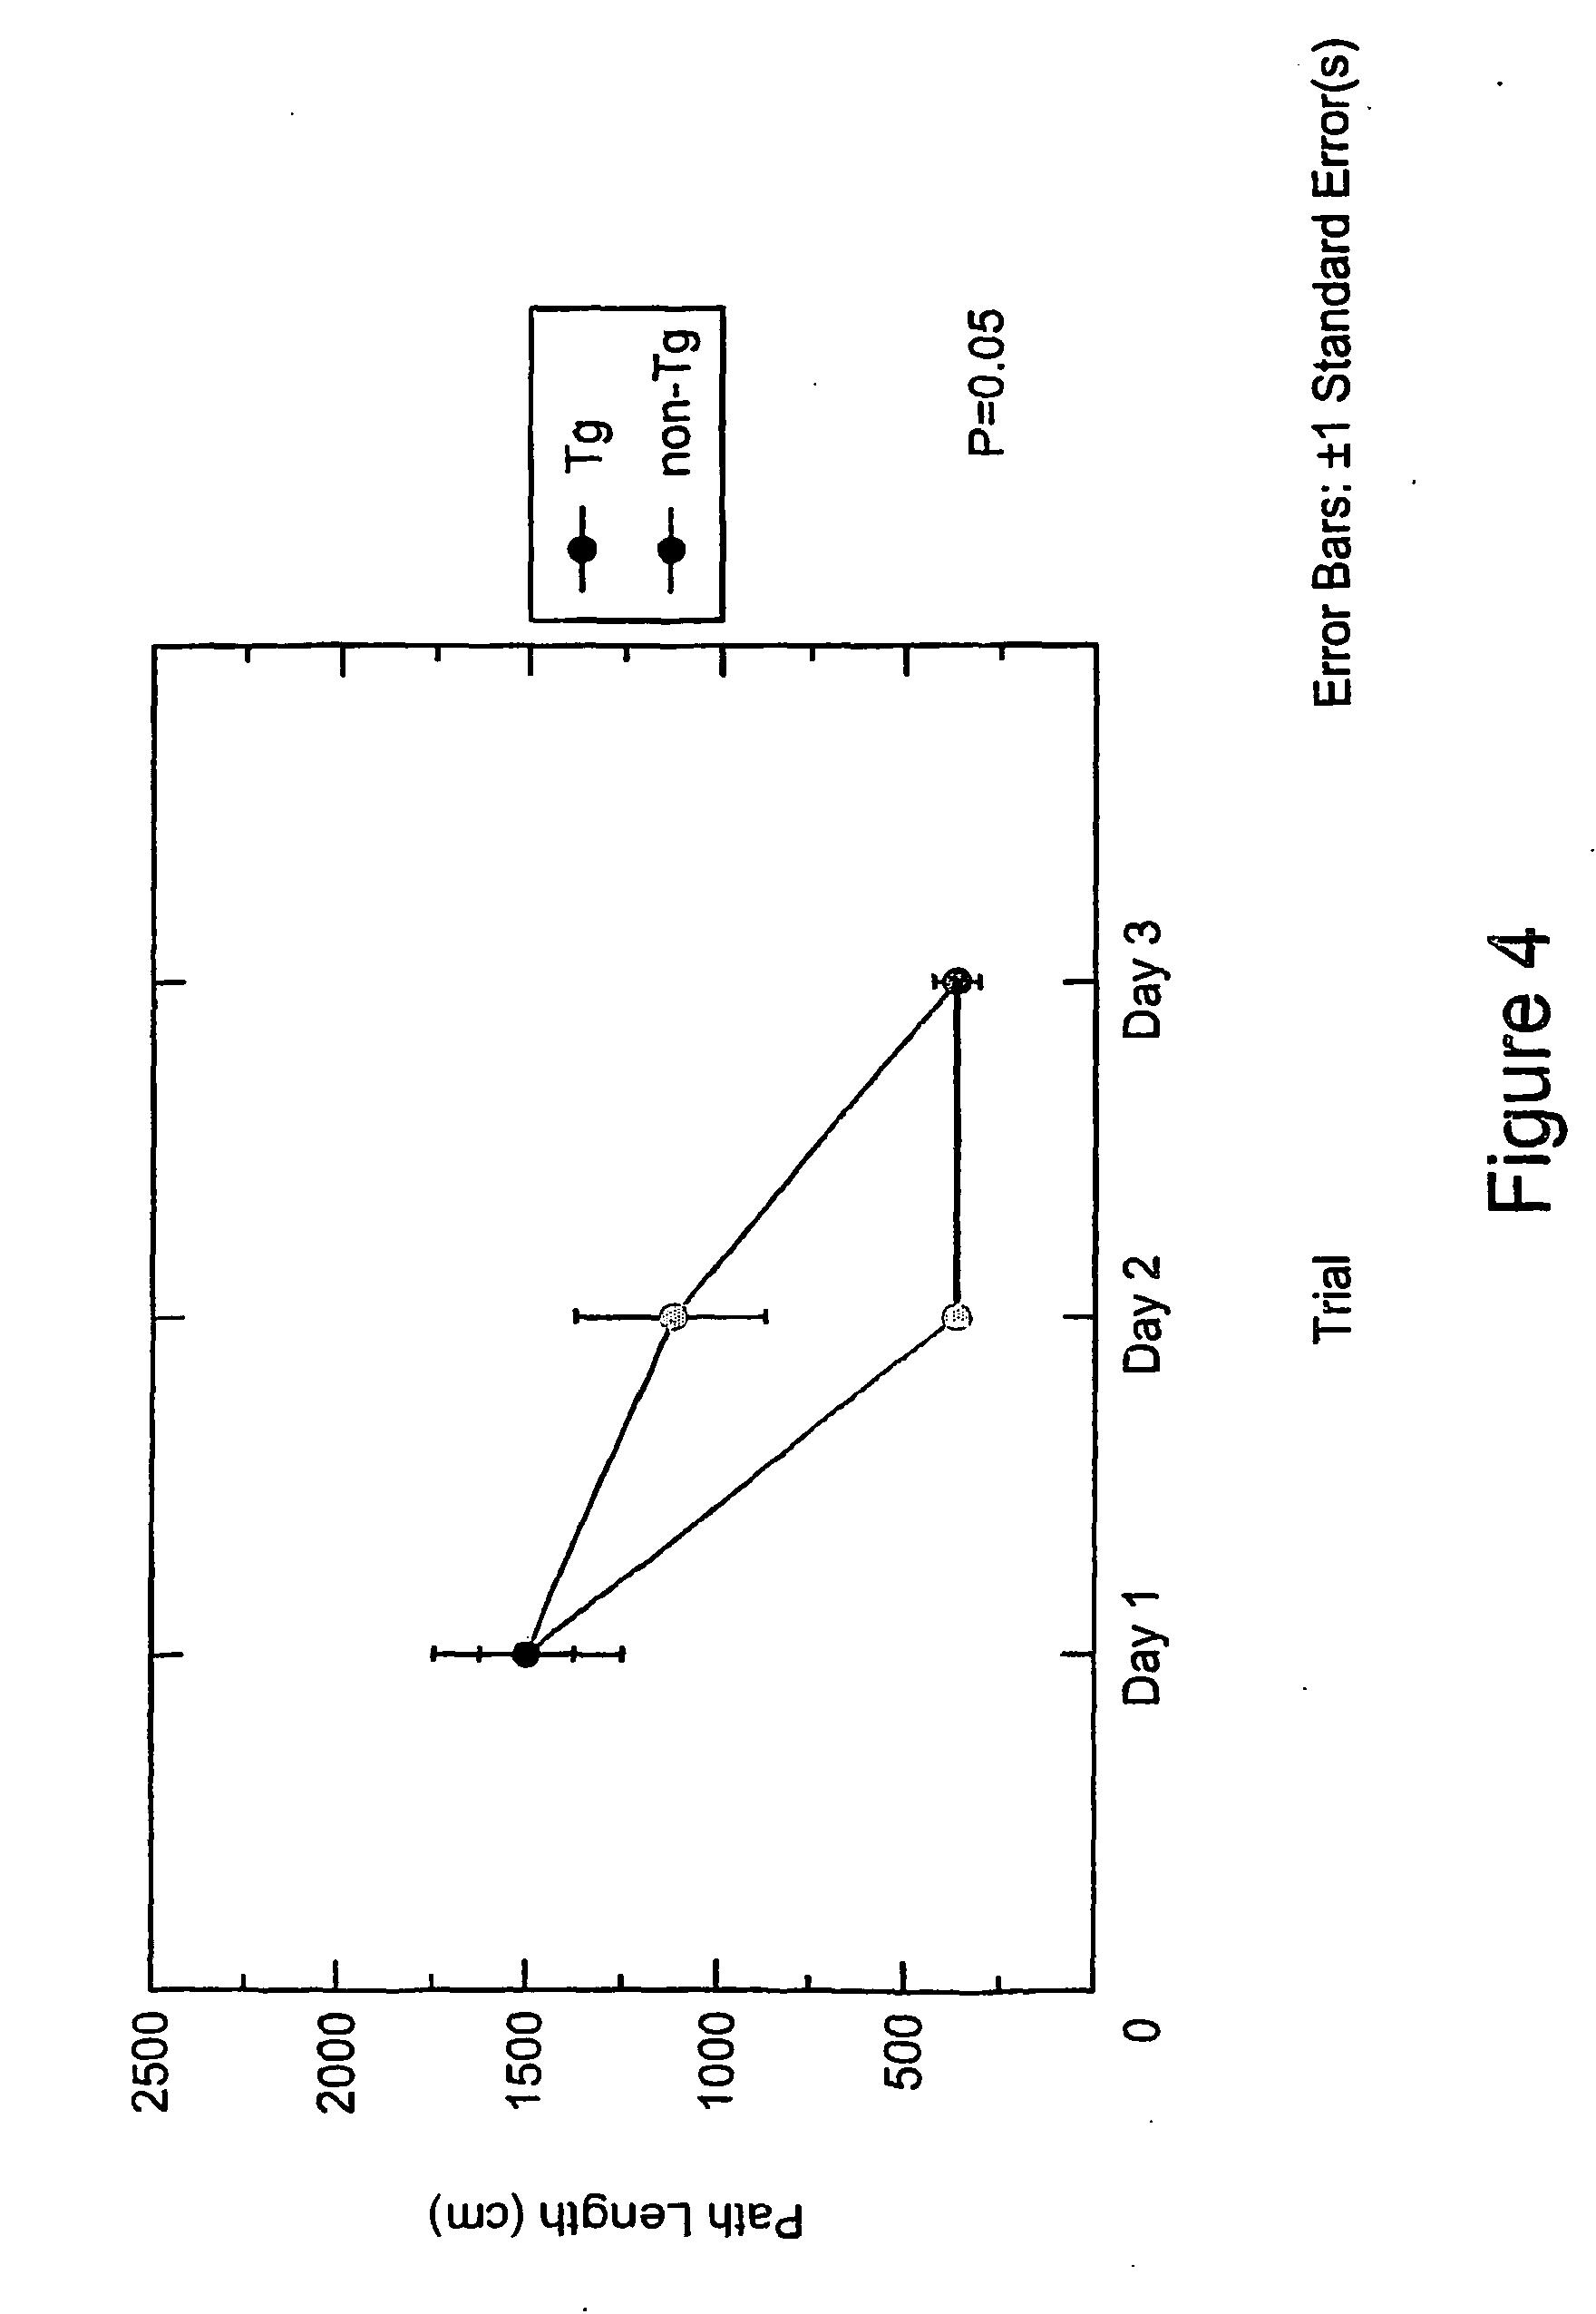 专利ep1608350b1 - methods